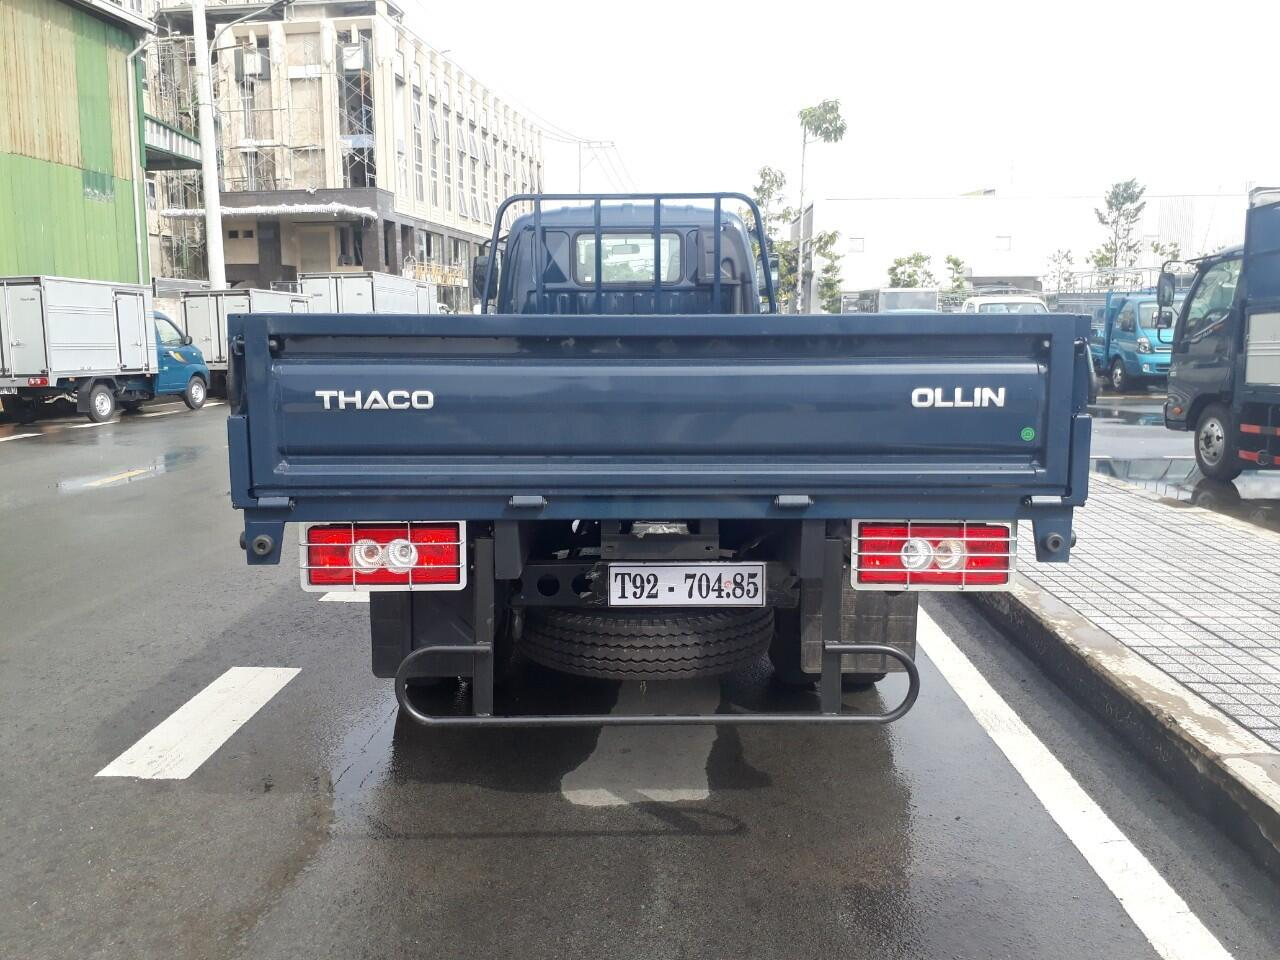 Xe tải Thaco Ollin 490/700 - Thùng lửng - Tải 2,35 tấn / 3,49 tấn